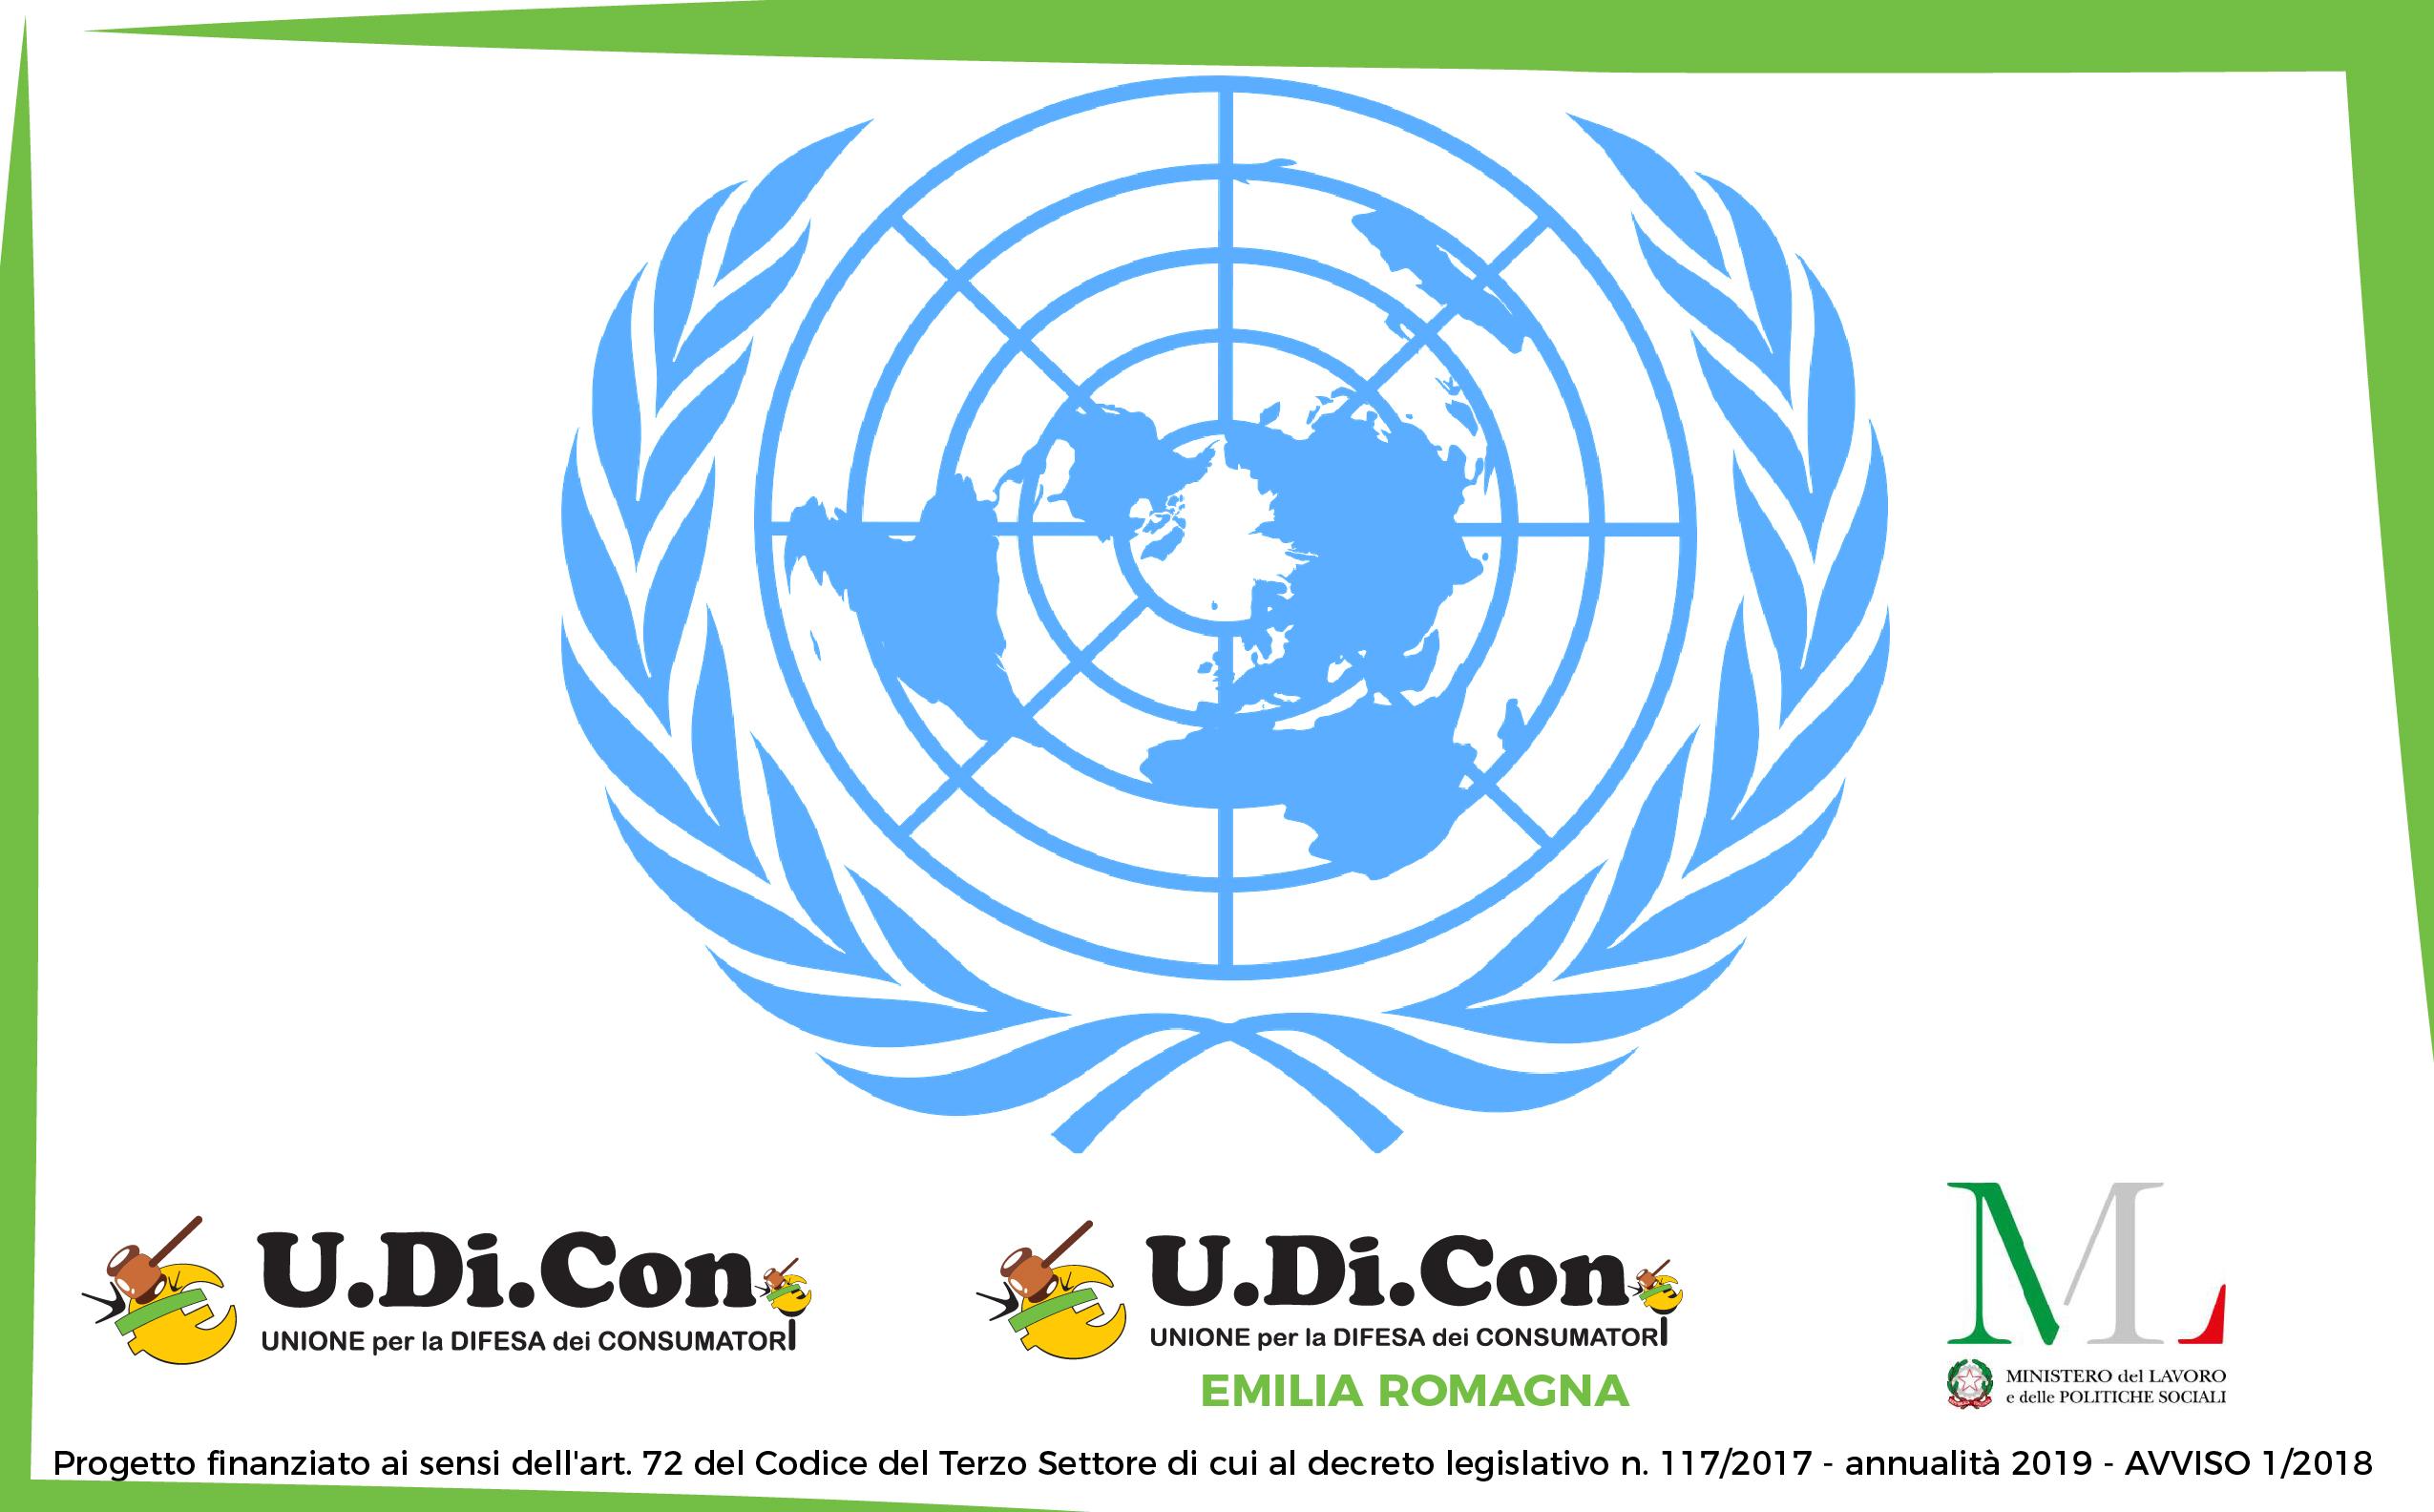 SVILUPPO SOSTENIBILE TRA LE PRIORITA' DELL'AGENDA ONU 2030